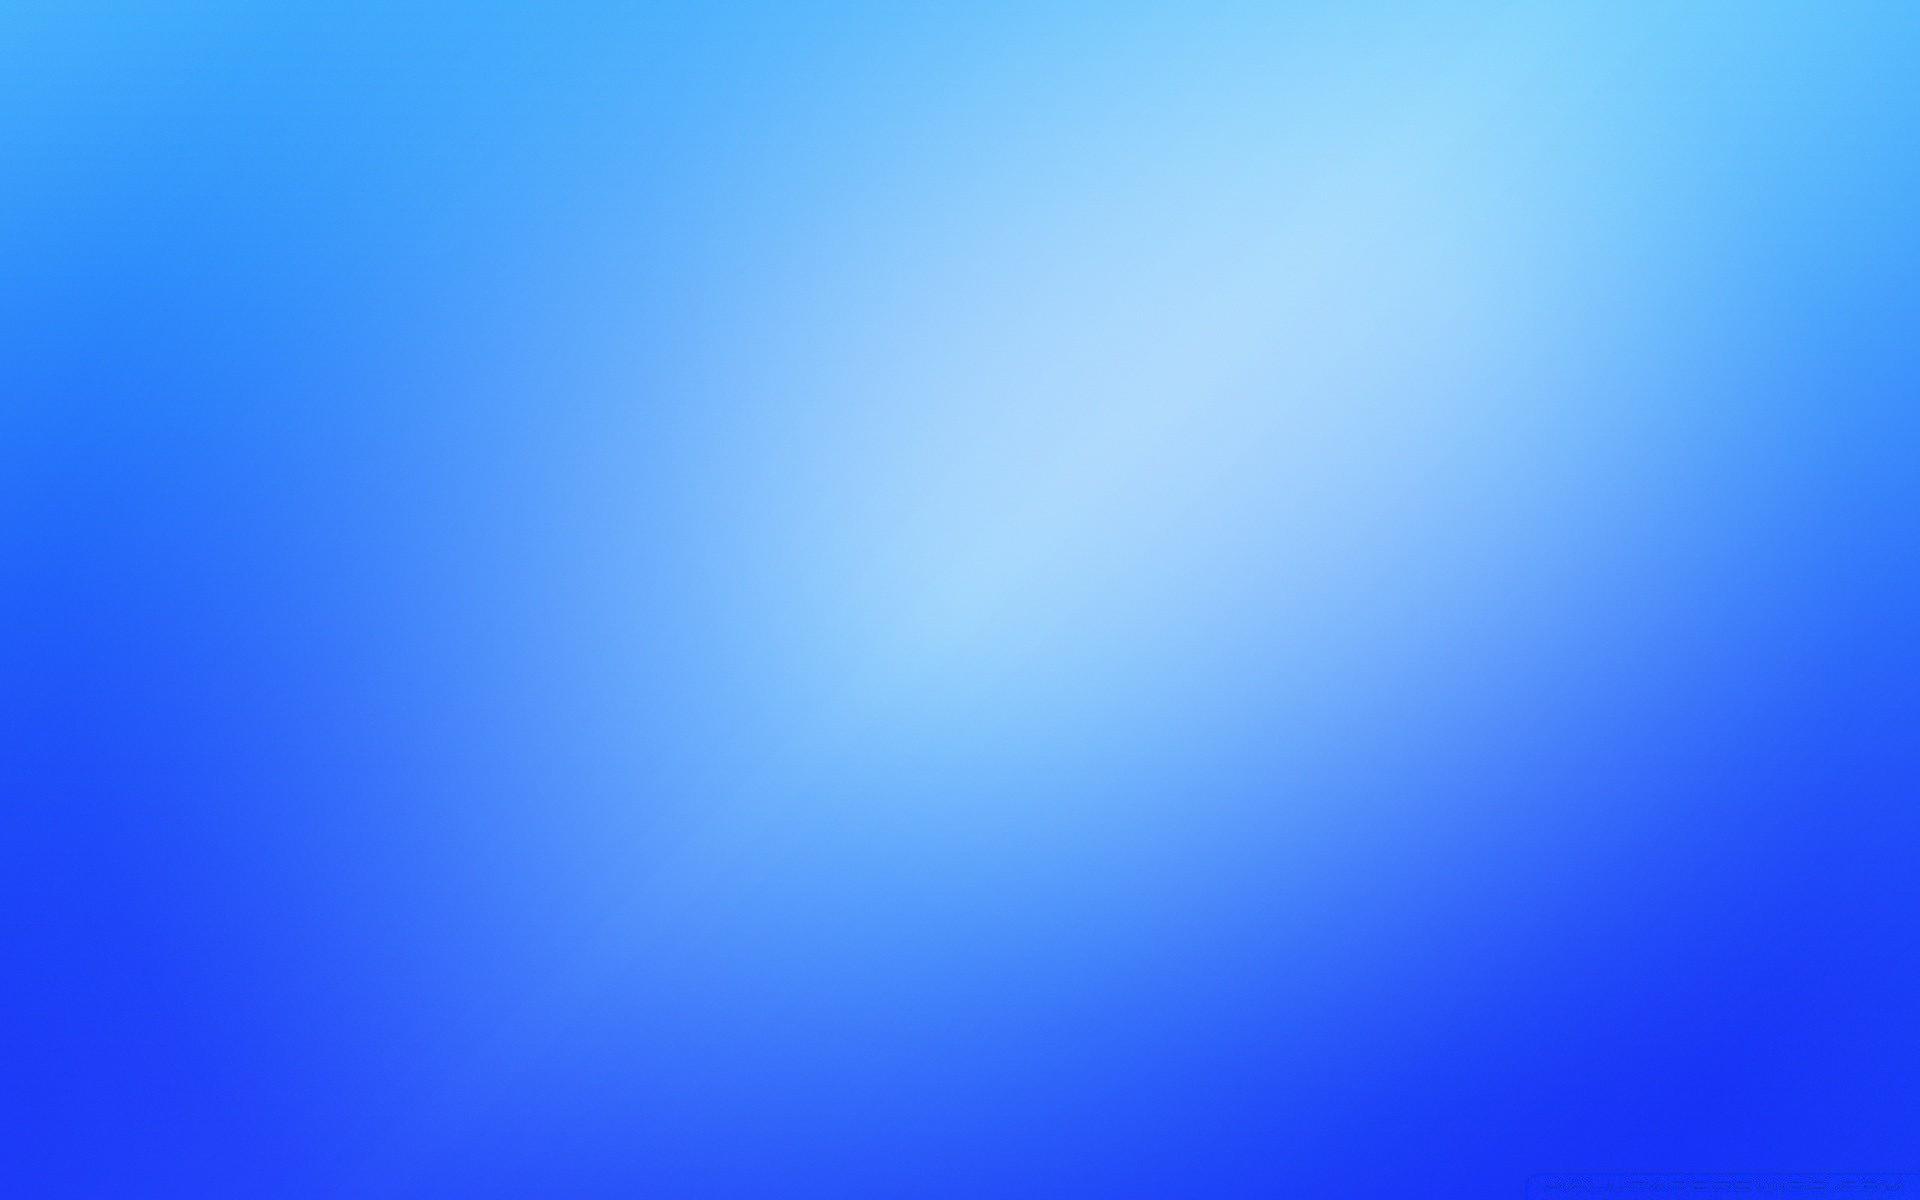 Размытые синий фон я - обои на телефон бесплатно.